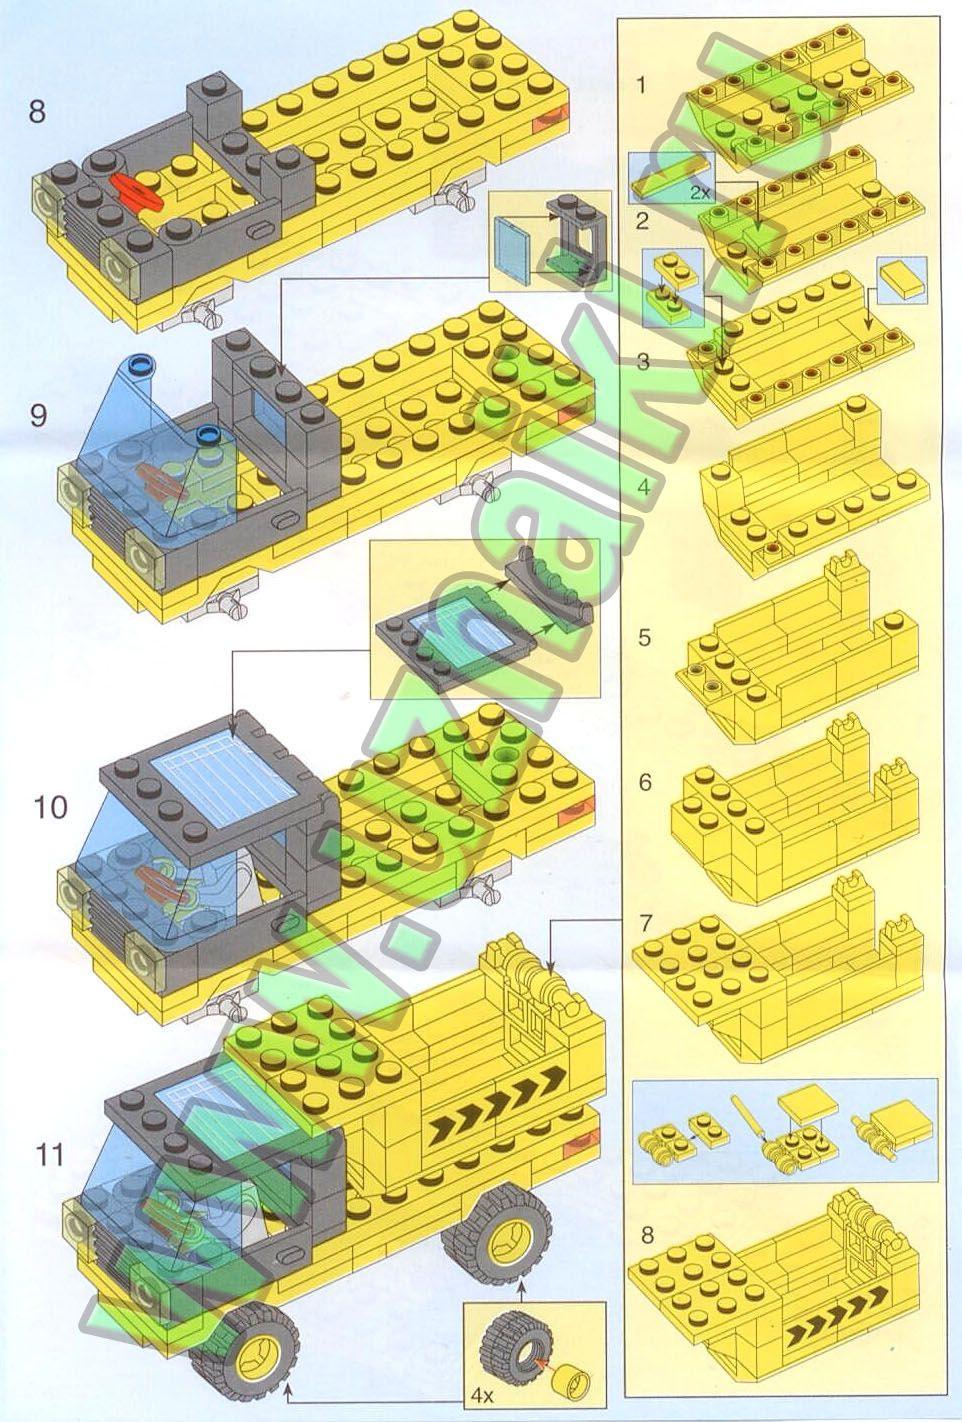 инструкция для конструктора enlighten combat zones